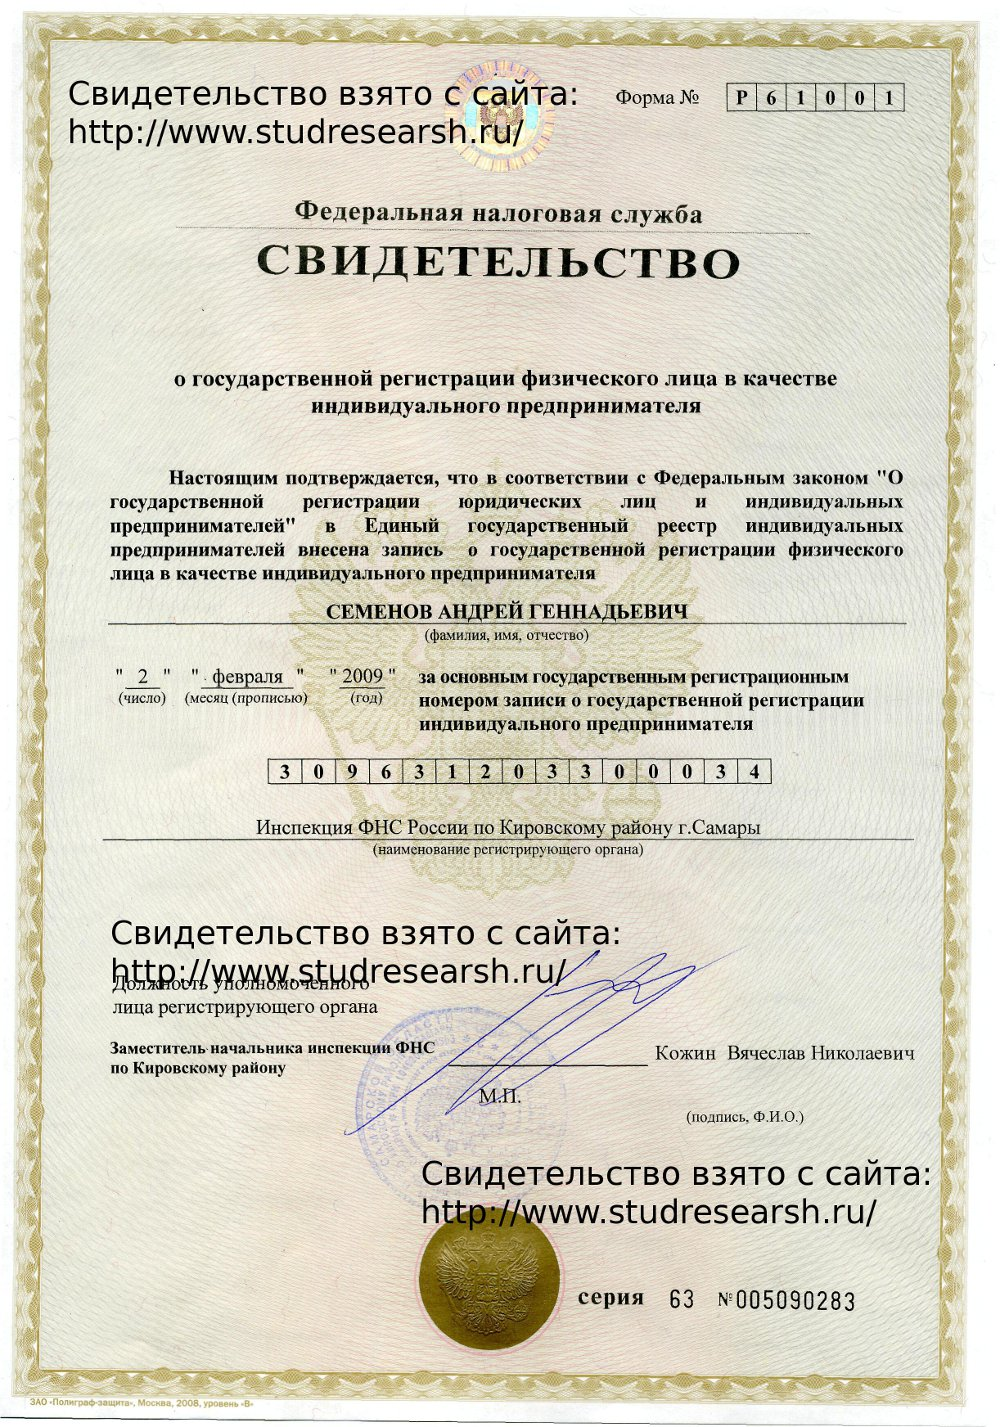 Примеры индивидуальных предпринимателей в россии бухгалтер аутсорсинг цены москва